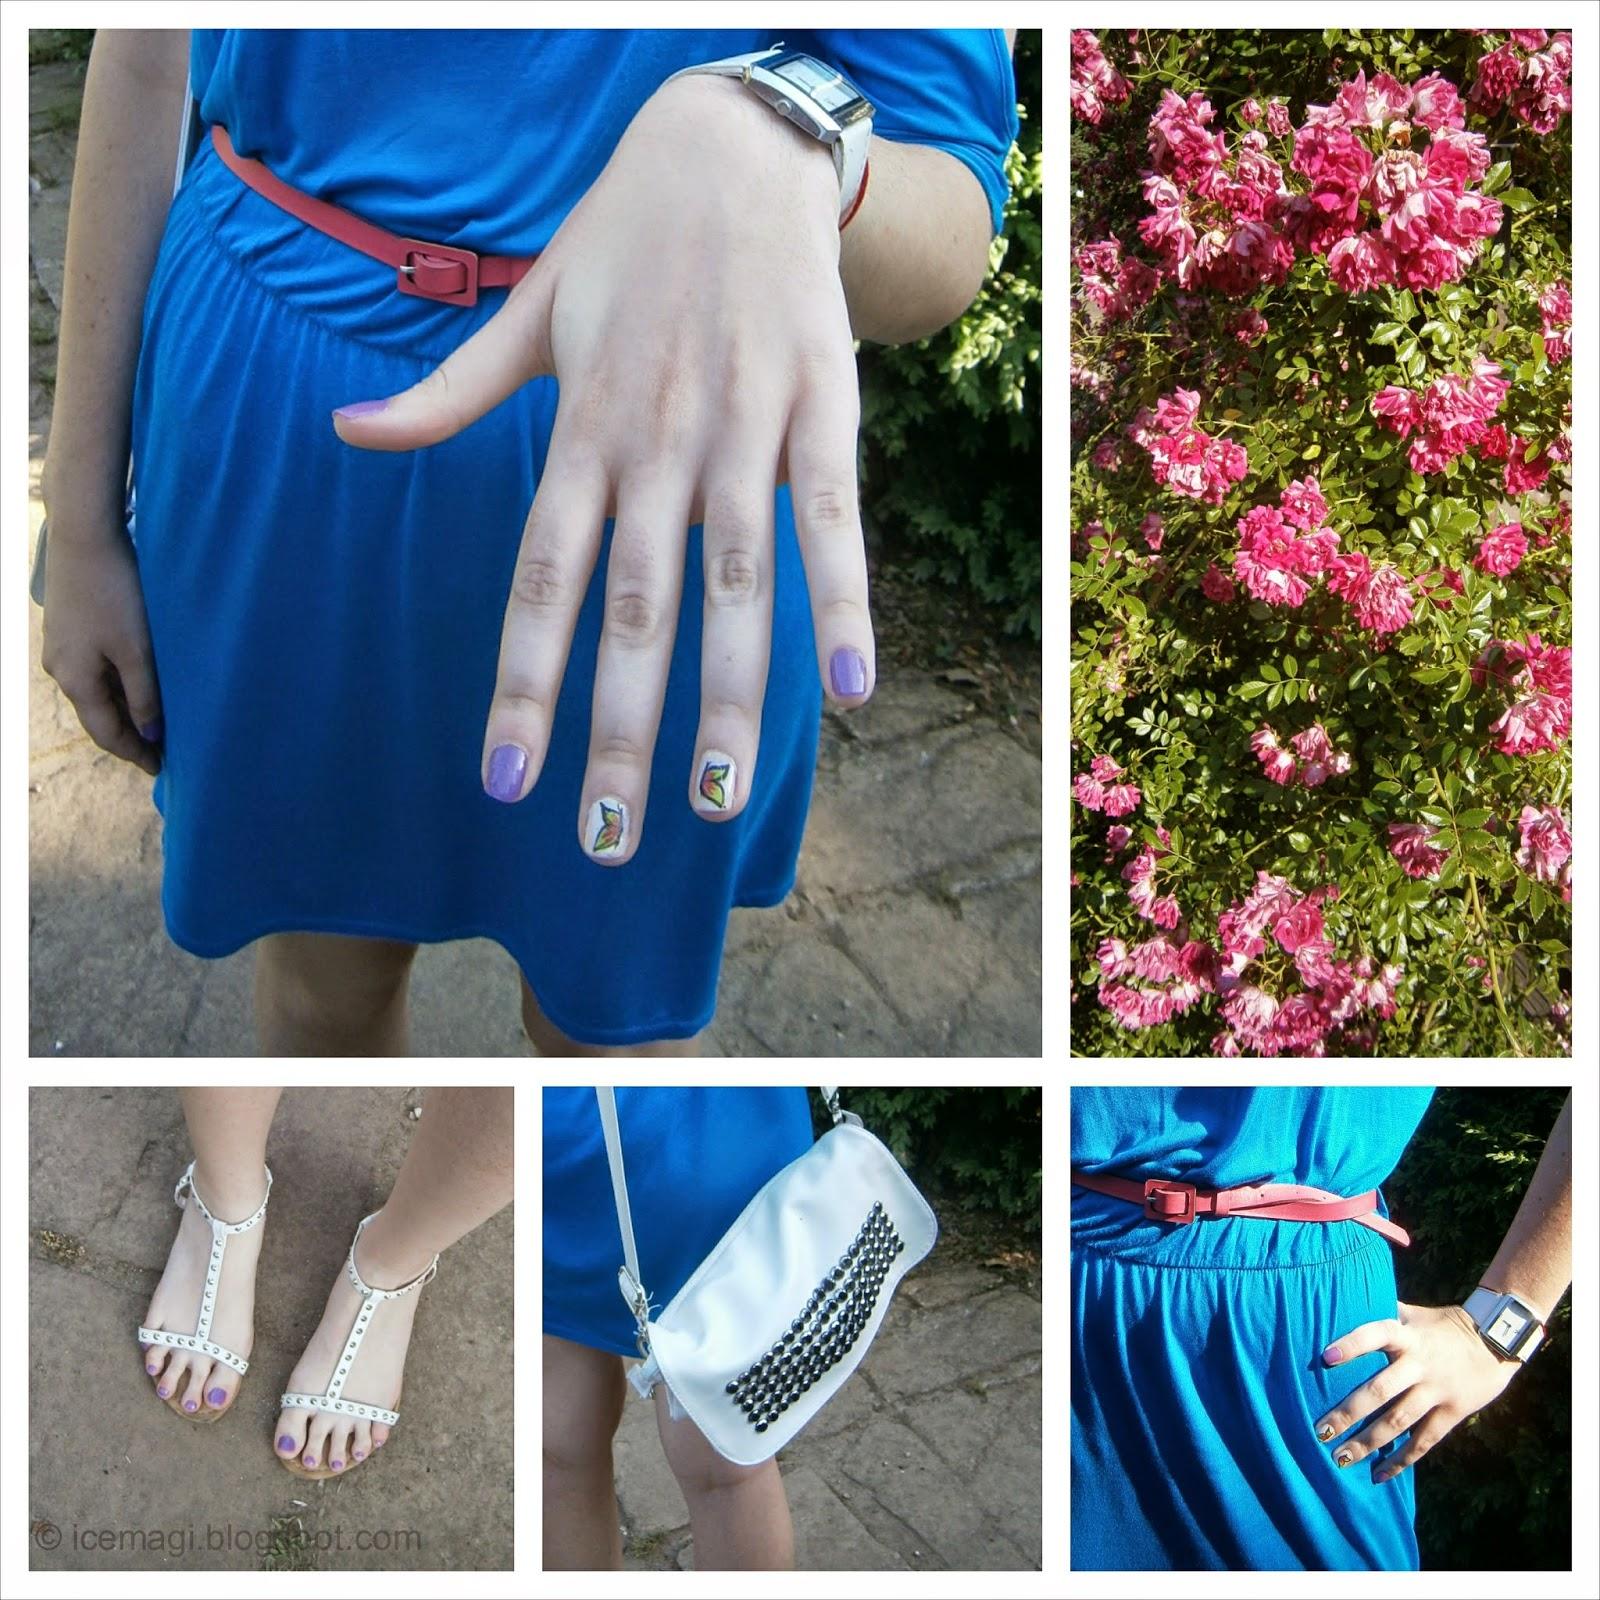 blue dress and butterflies